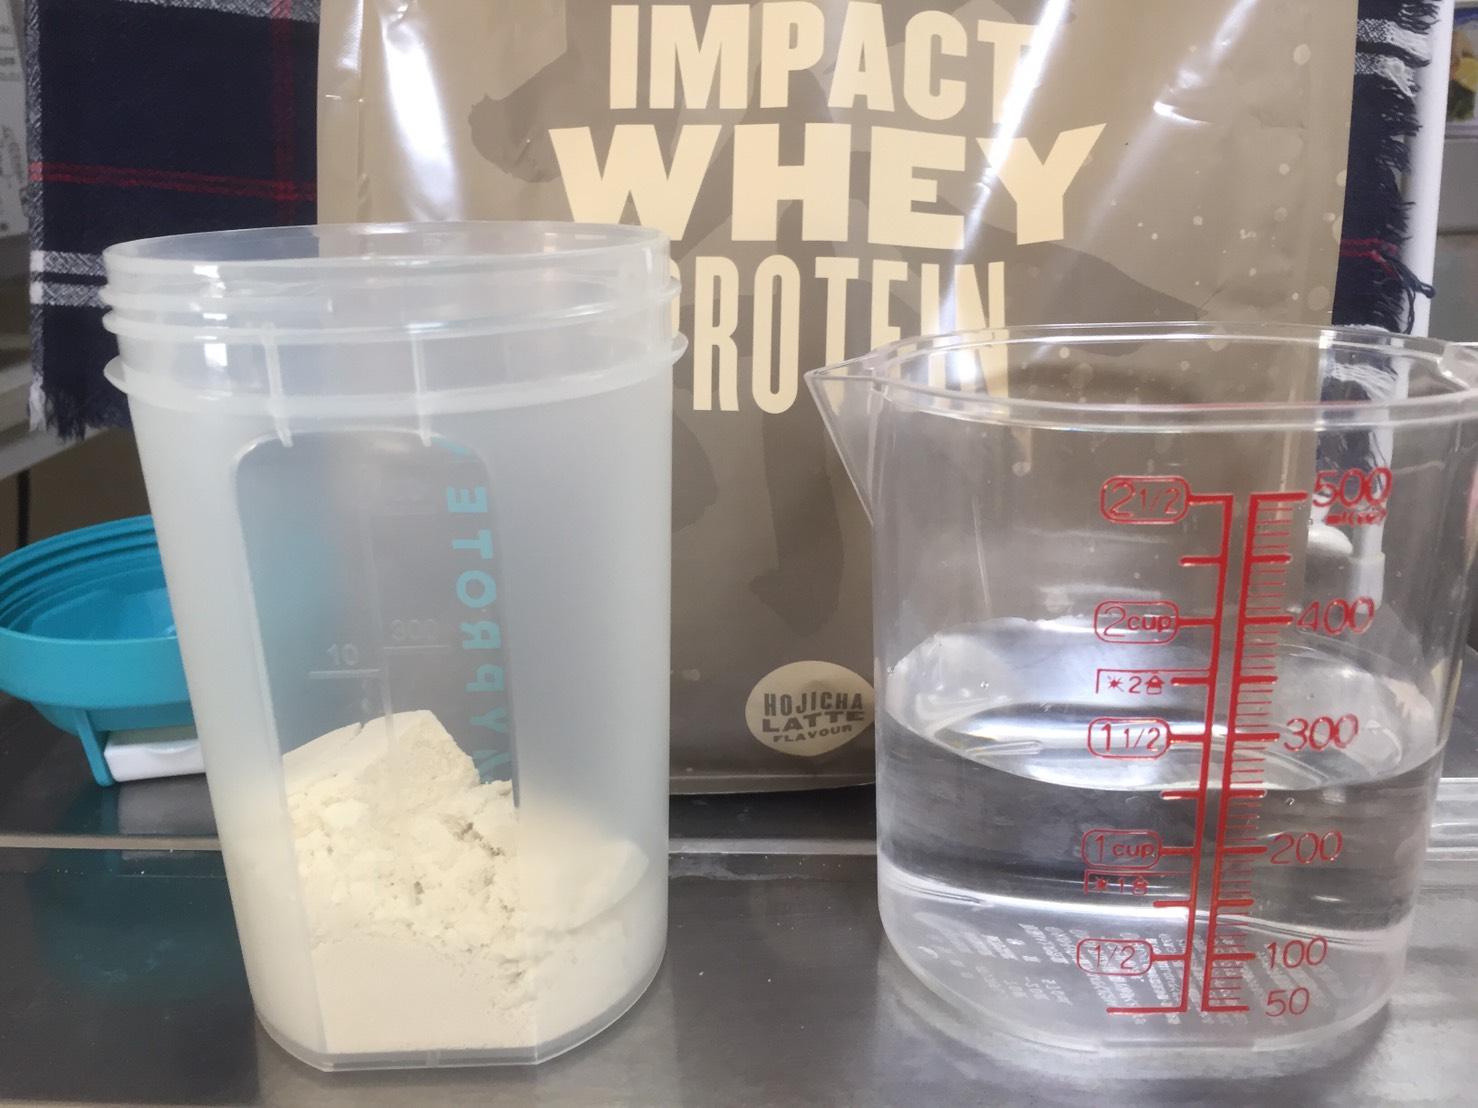 【WPC】Impactホエイプロテイン「ほうじ茶ラテ味」を250mlの水を溶かします。